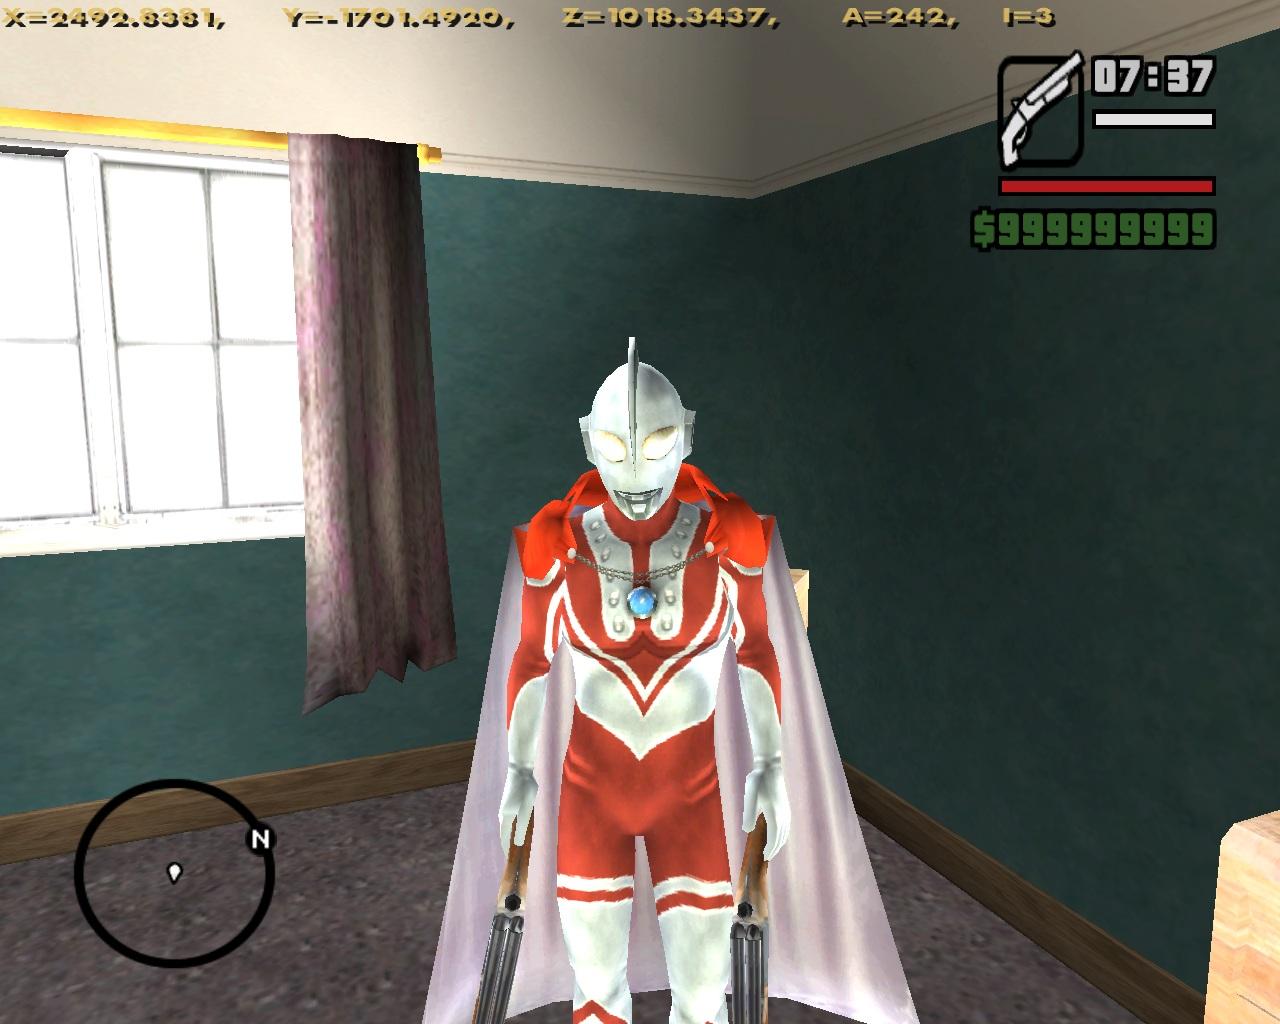 نرم افزار Coordinates Display برای بازی Gta SA!+(دانلود)